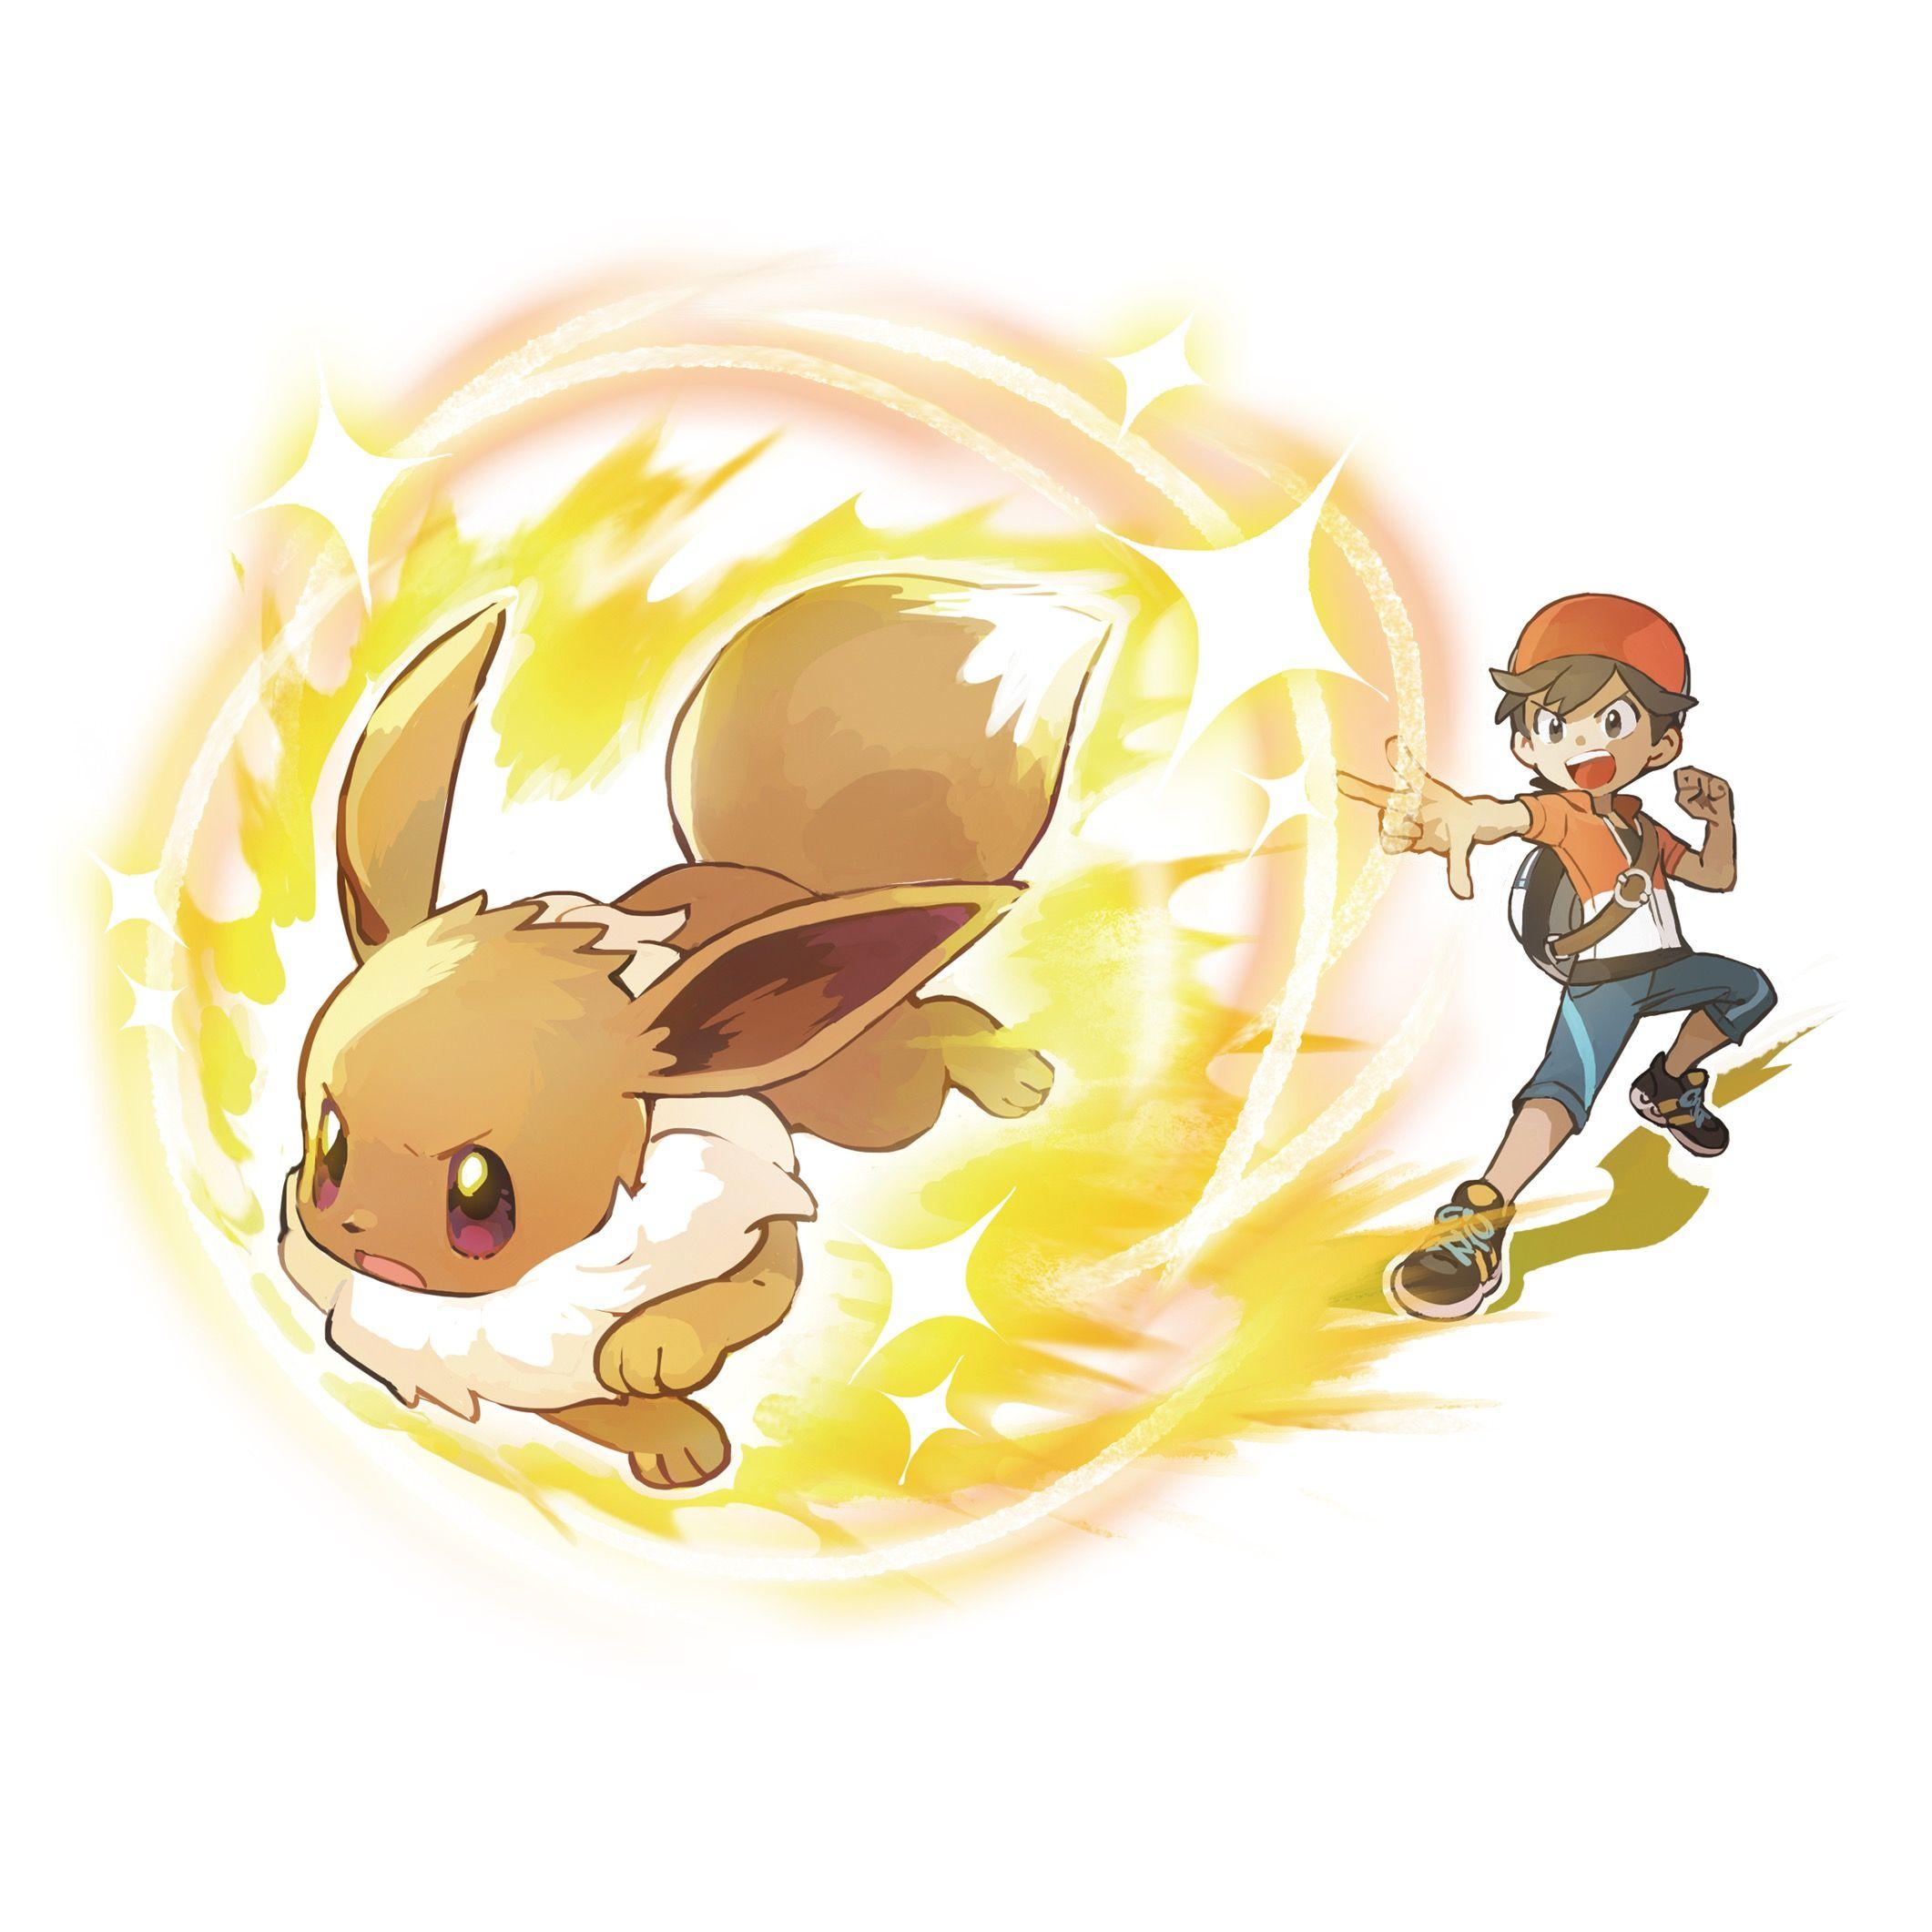 Reta A Los Entrenadores Maestros En Pokémon Pokemon Personajes Arte Pokemon Pokemon